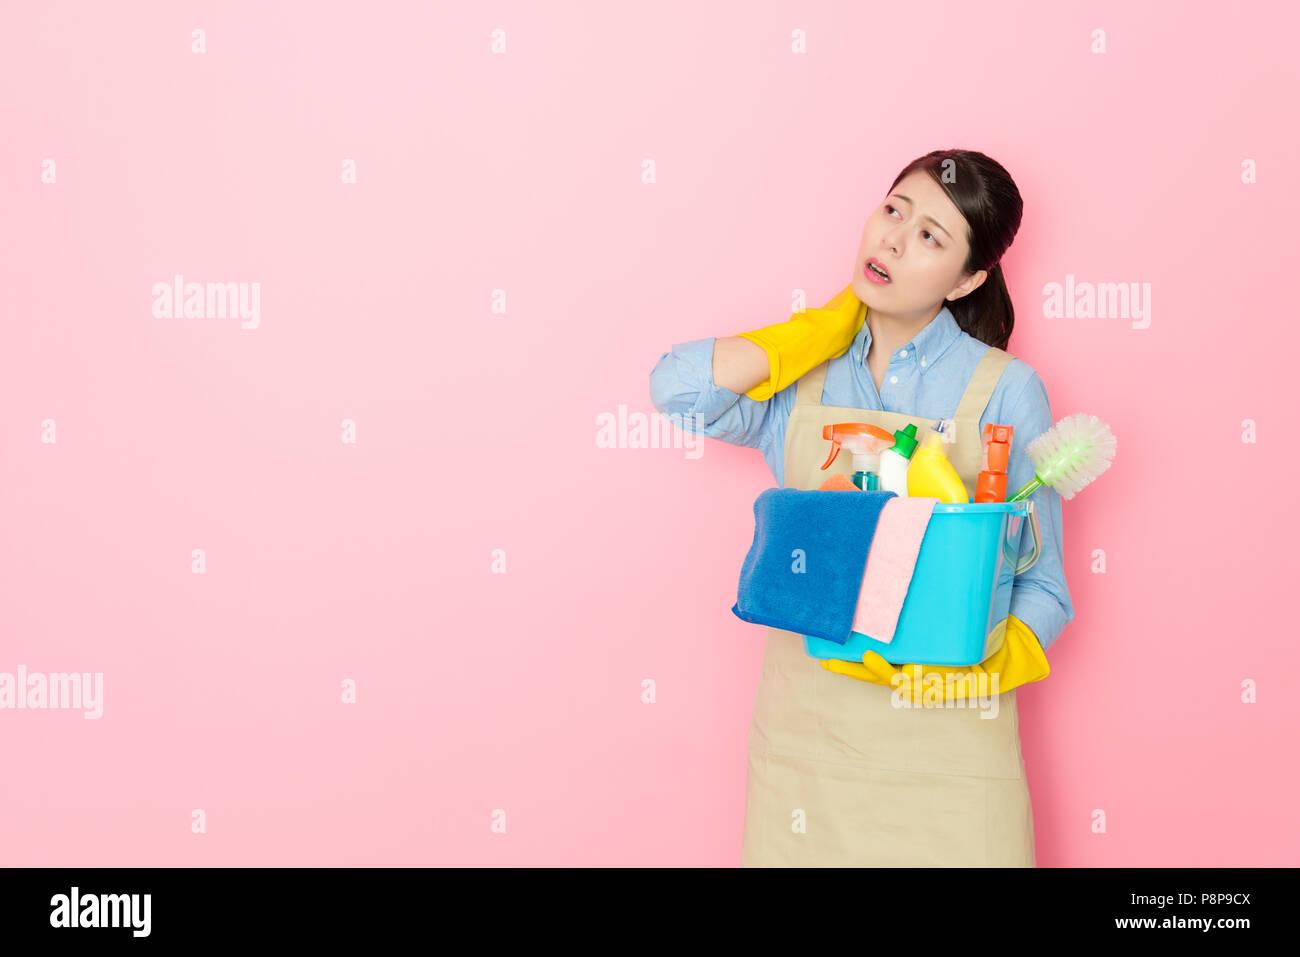 Mujer mantenga herramientas de limpieza y dolor de cuello después de hacer  la casa limpia a fondo aislado 6ded11908164